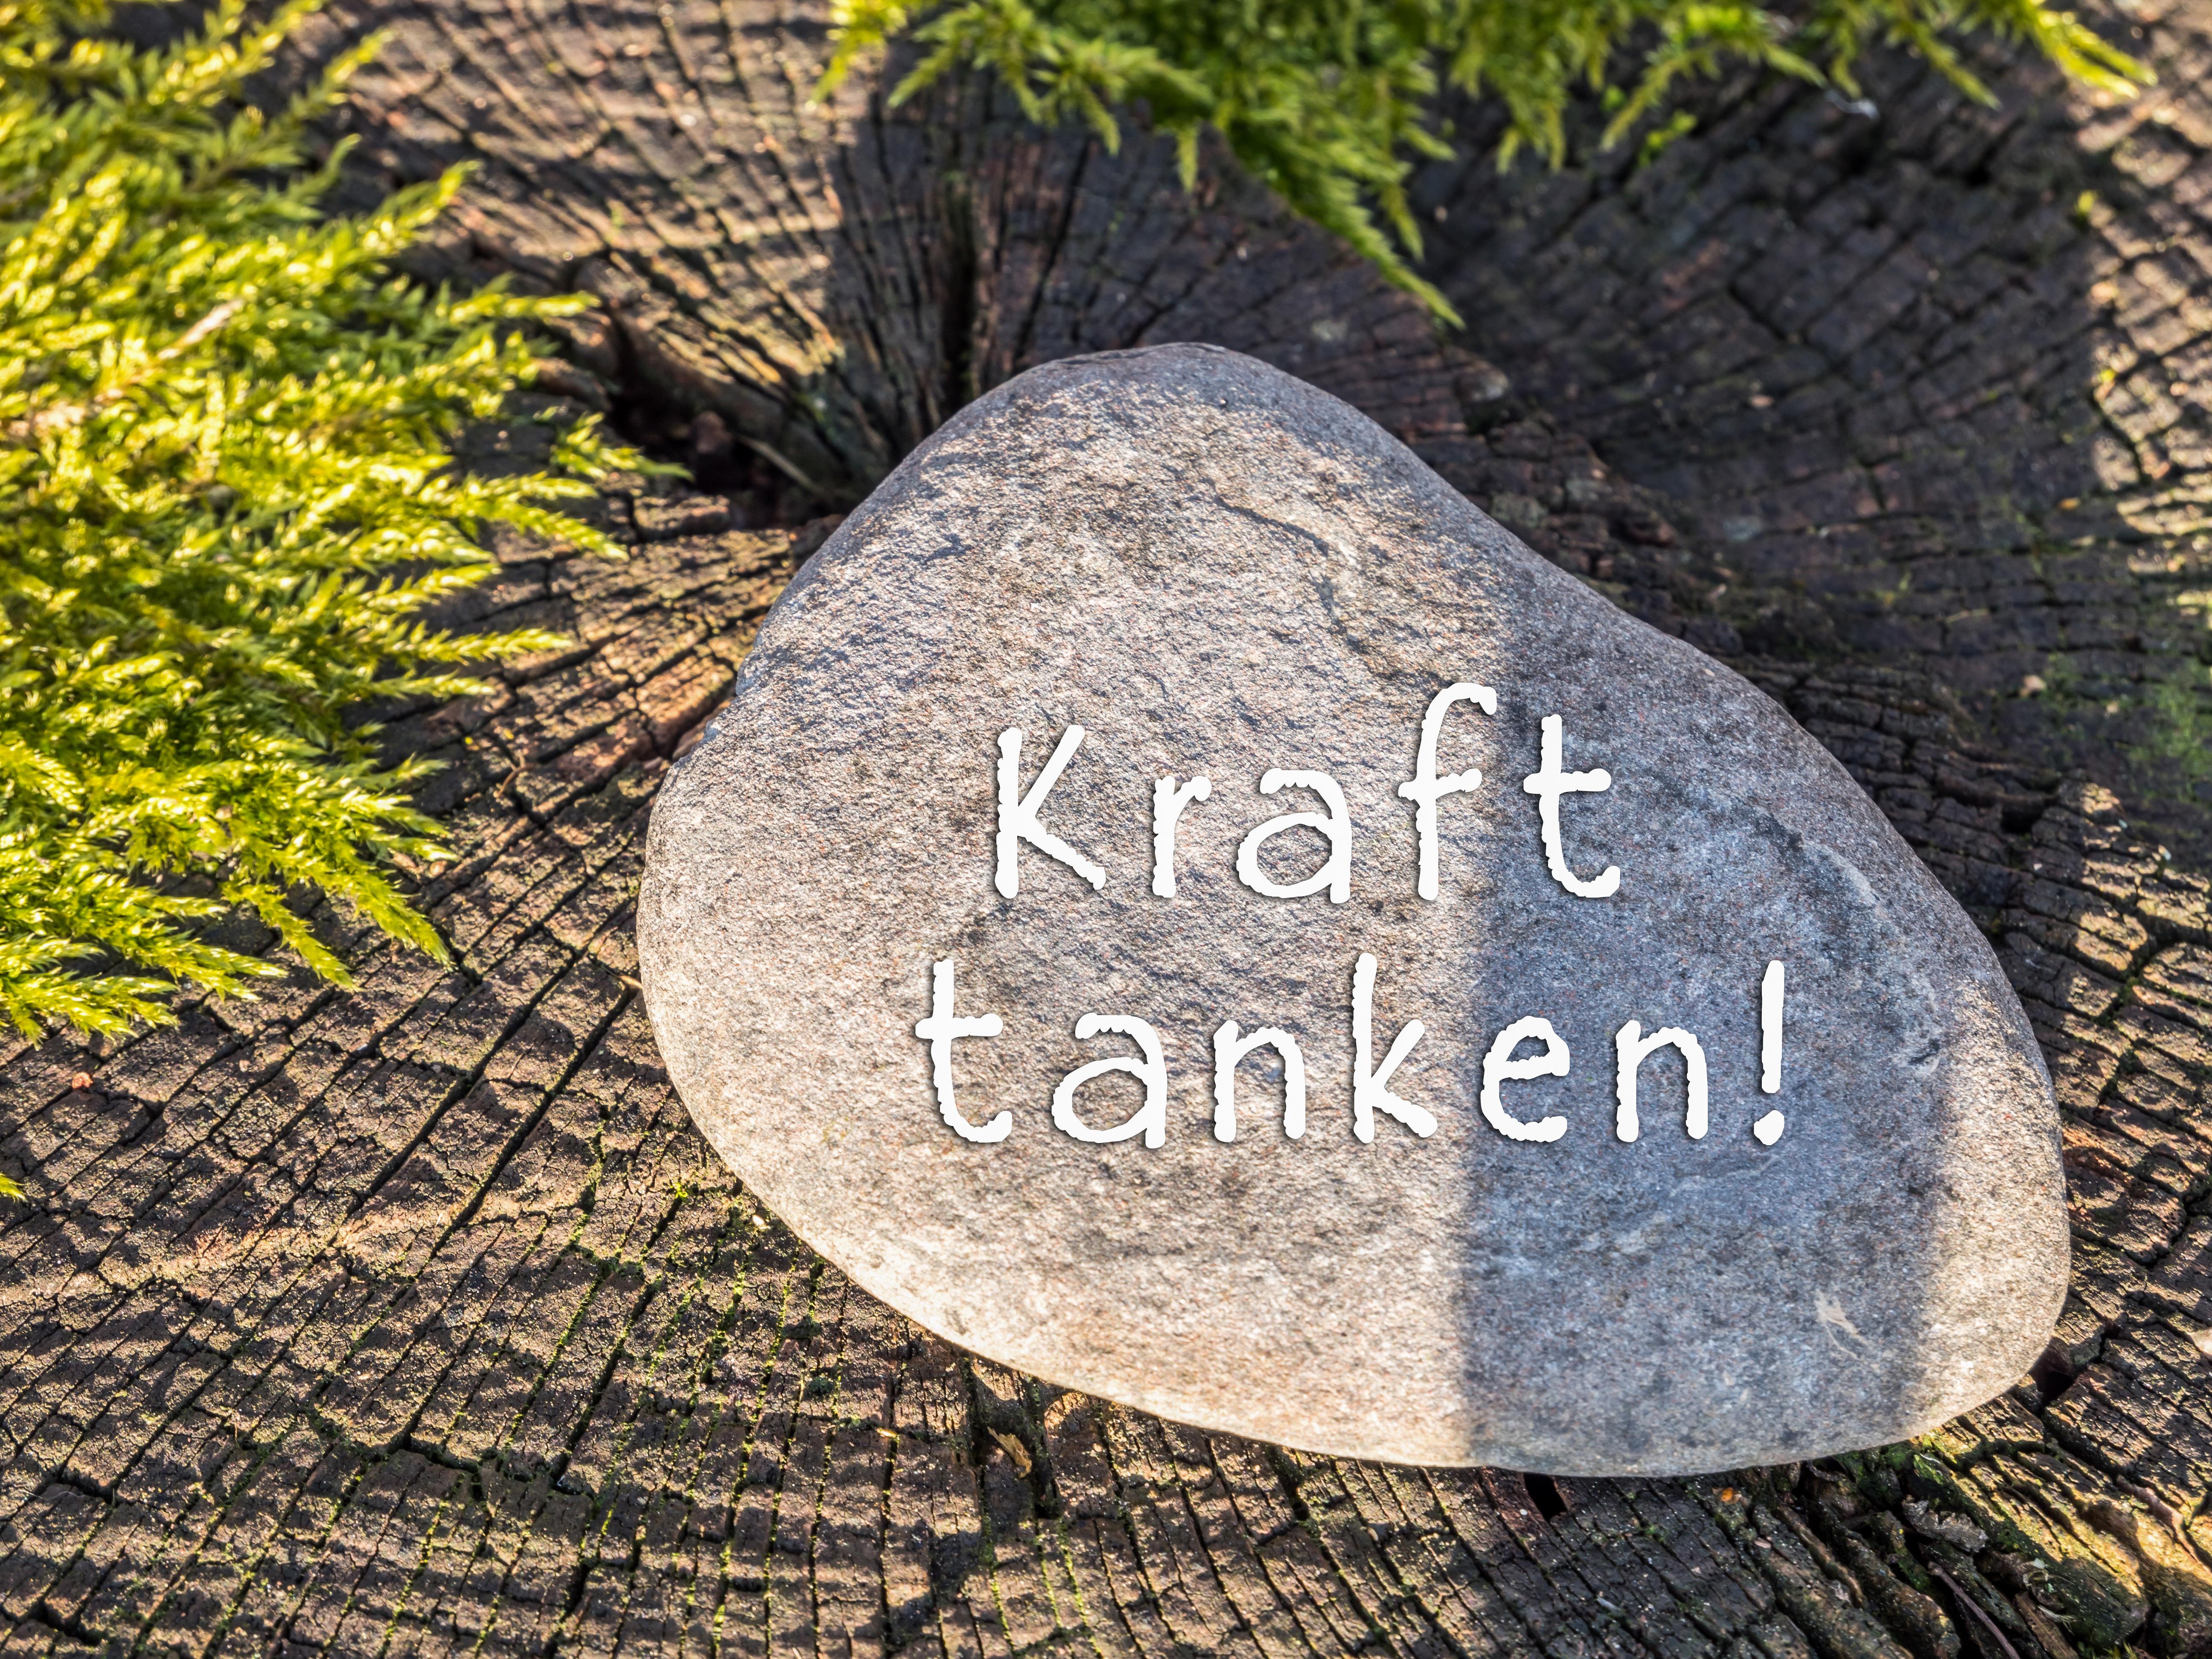 Stein auf Baumstamm Kraft tanken!